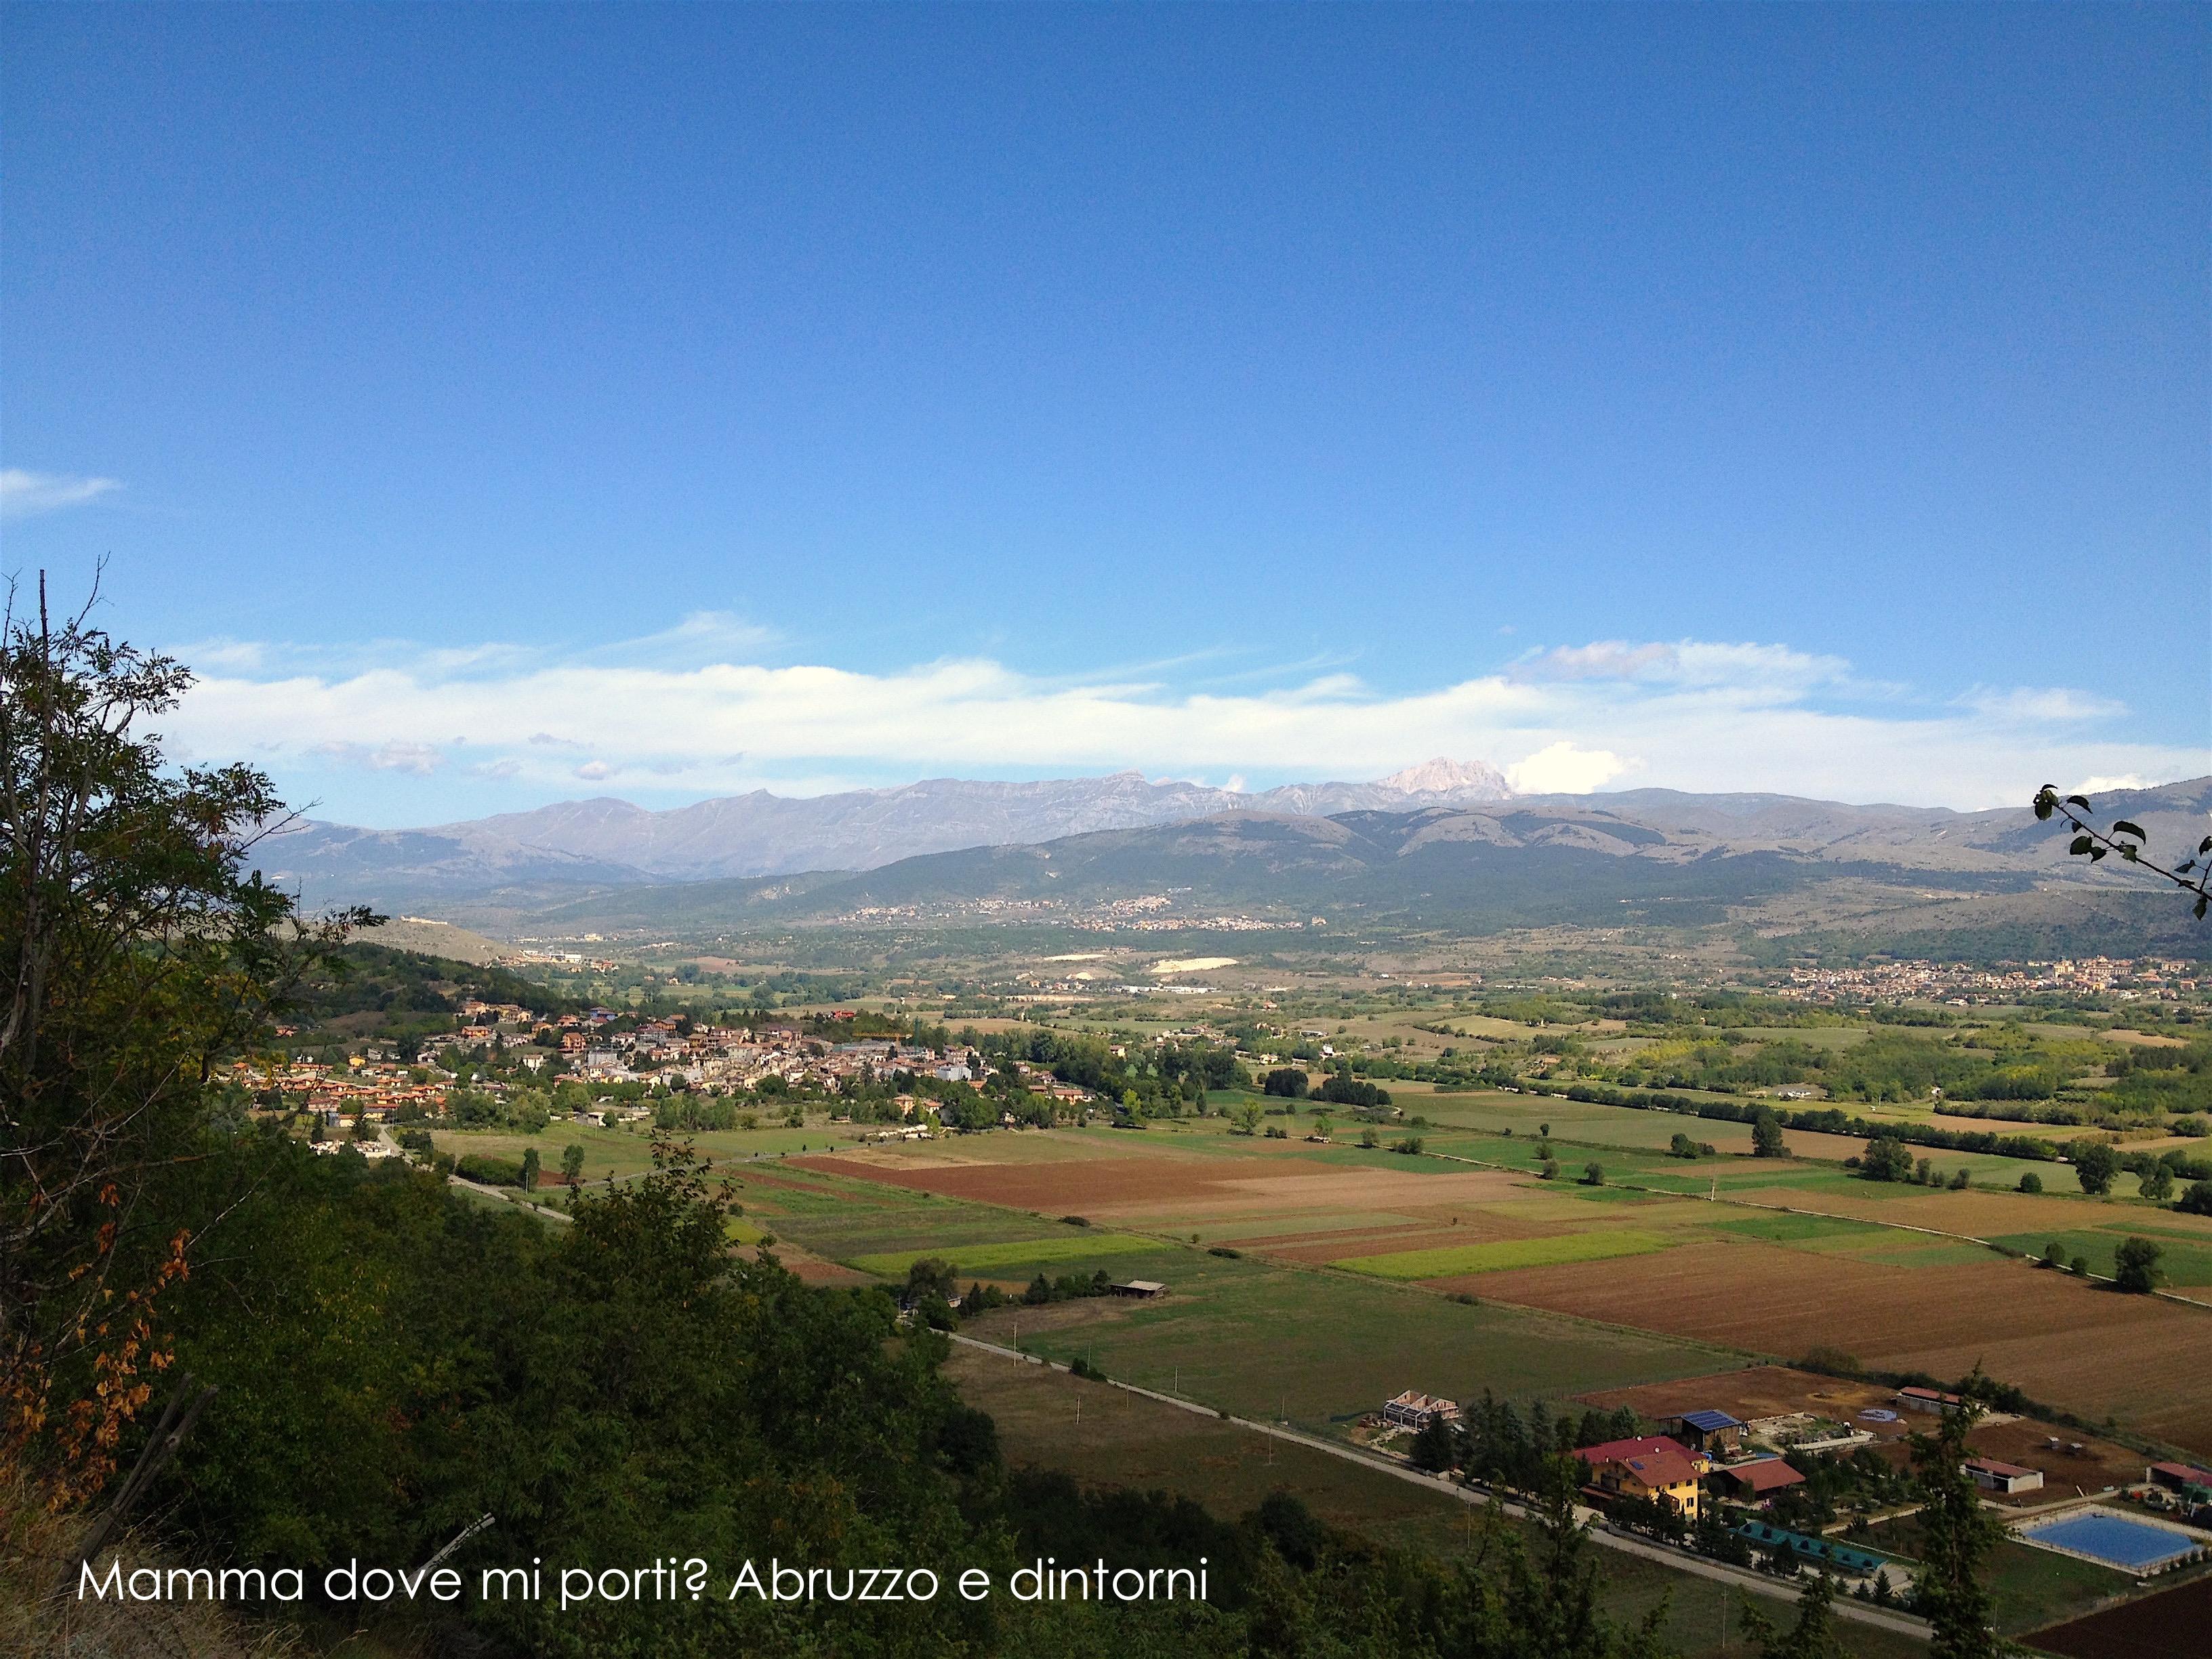 Grotte di Stiffe - Panorama - San Demetrio ne' Vestini (AQ)